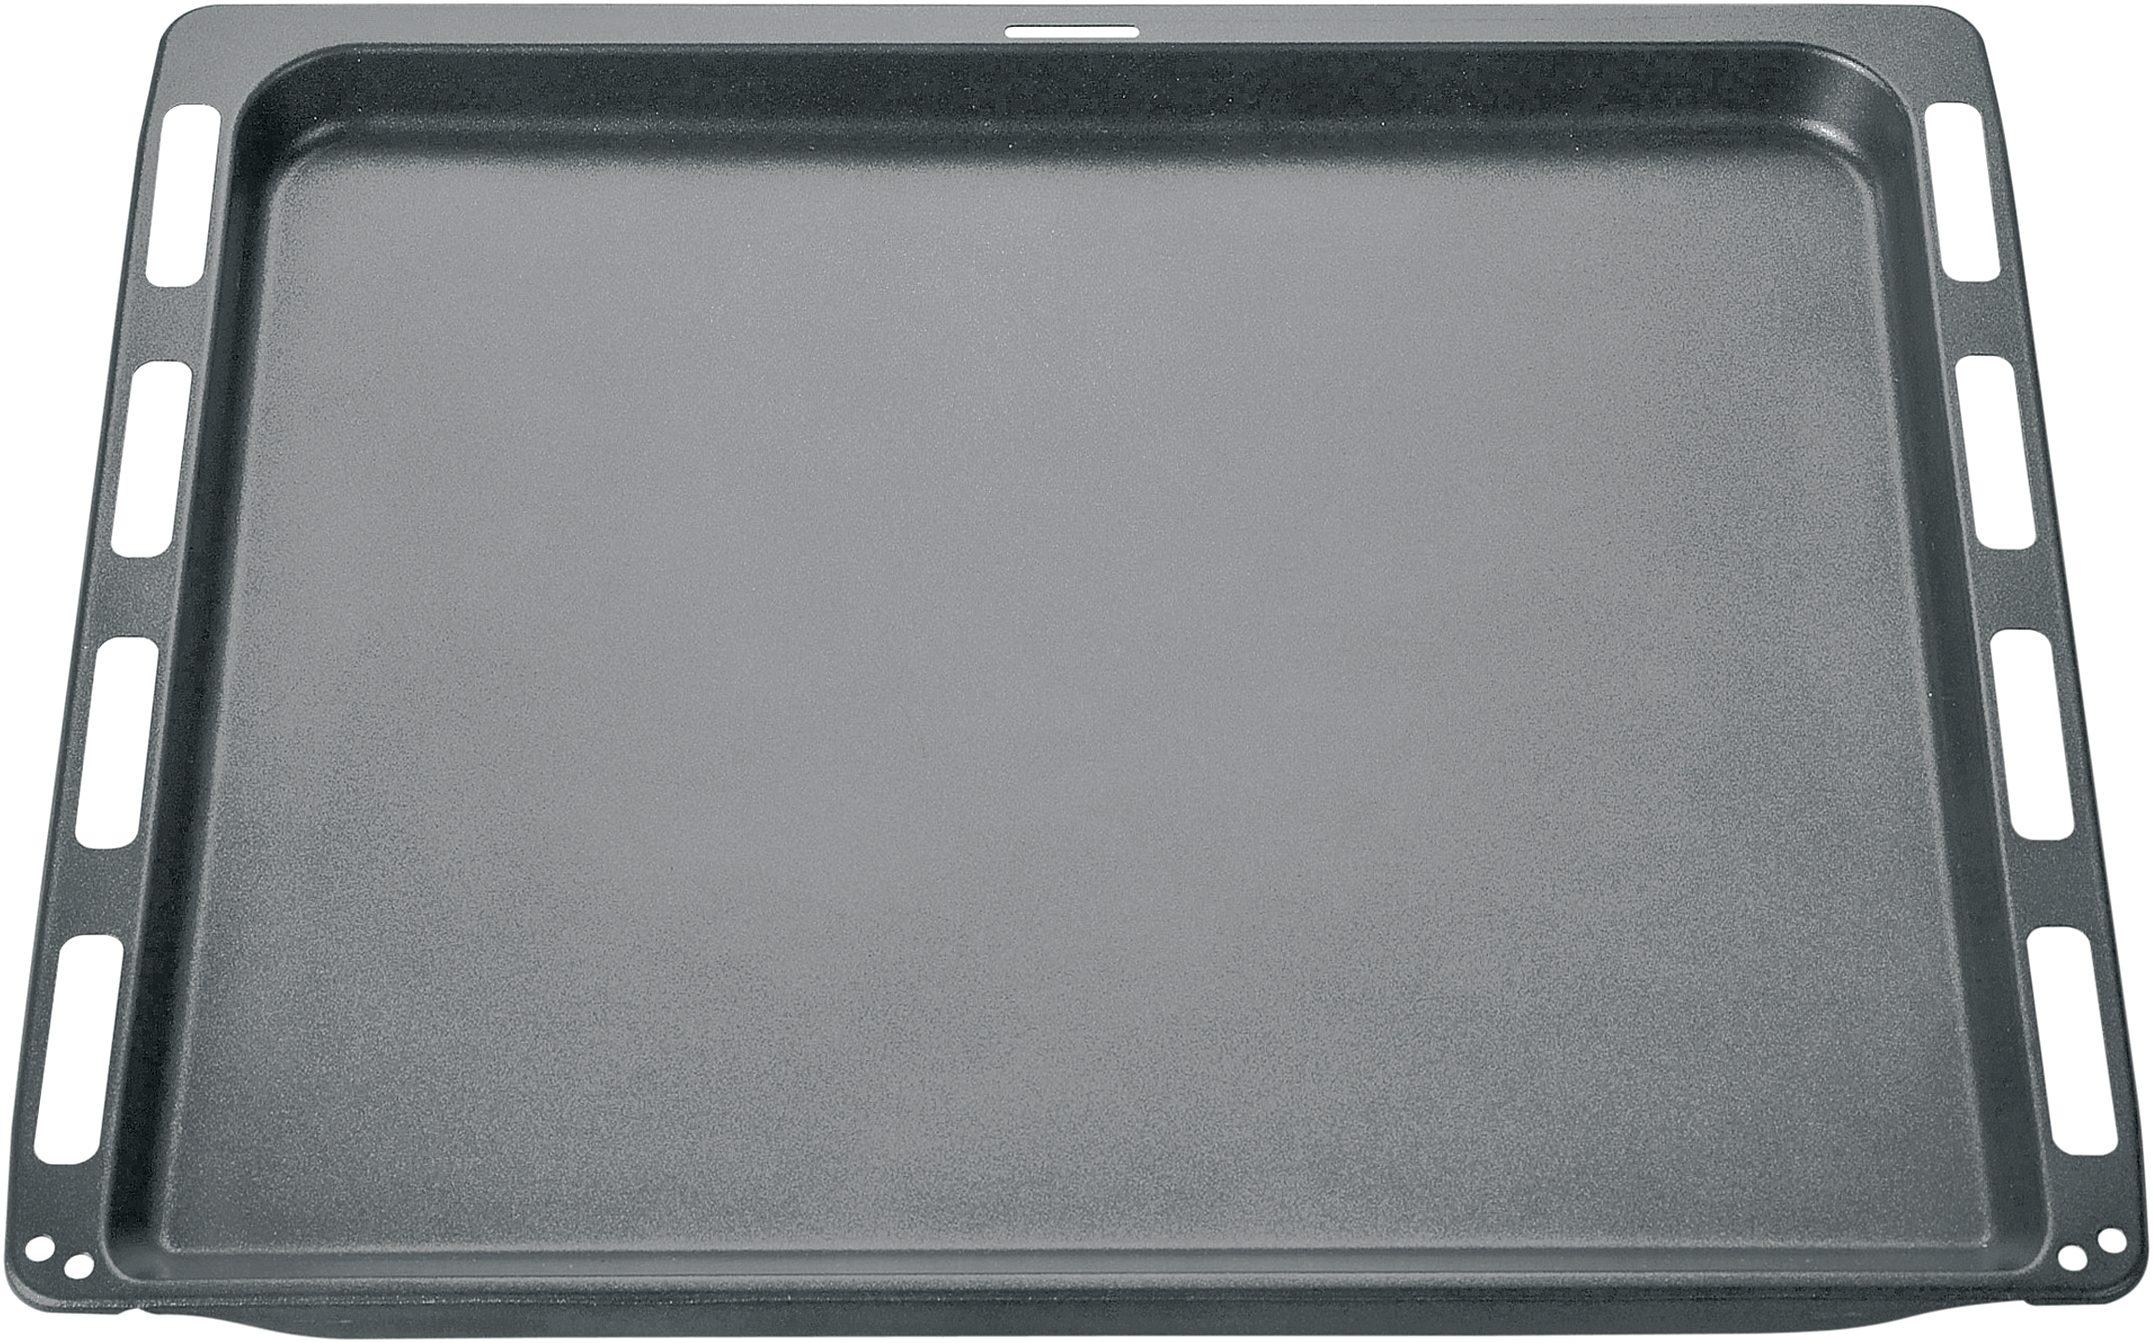 Bosch Universalpfanne HEZ332073, pyrolysefähig